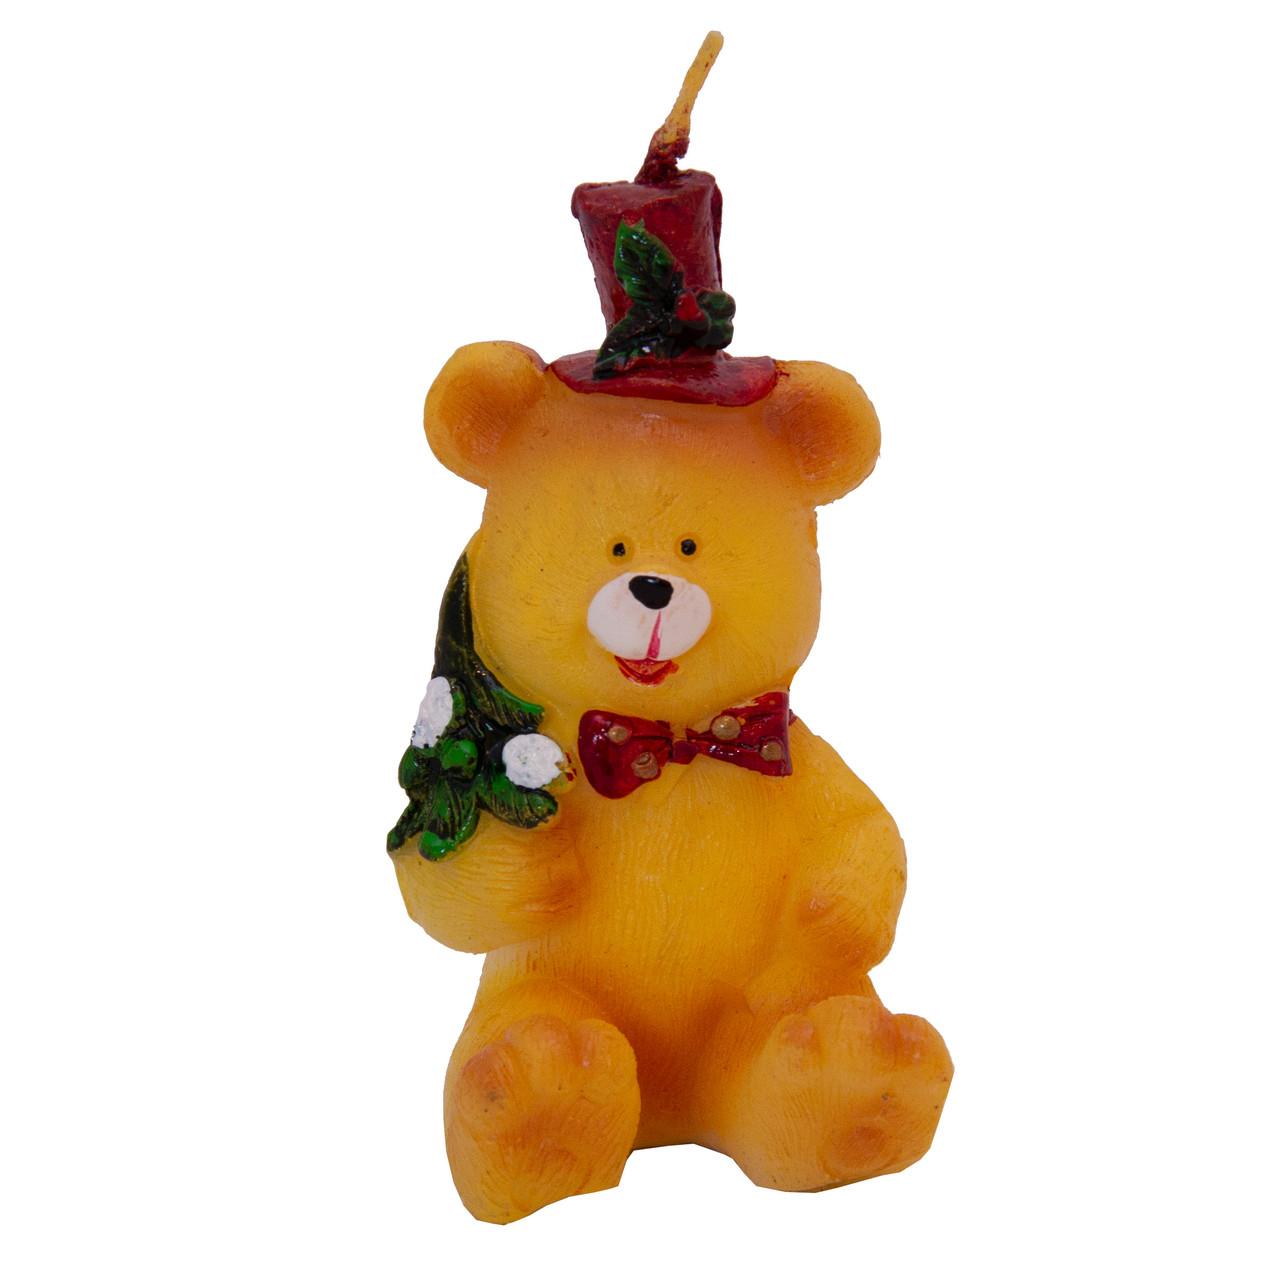 Свечка - Медвежонок с елкой, 7,7 см, бежевый, воск (441099-1)